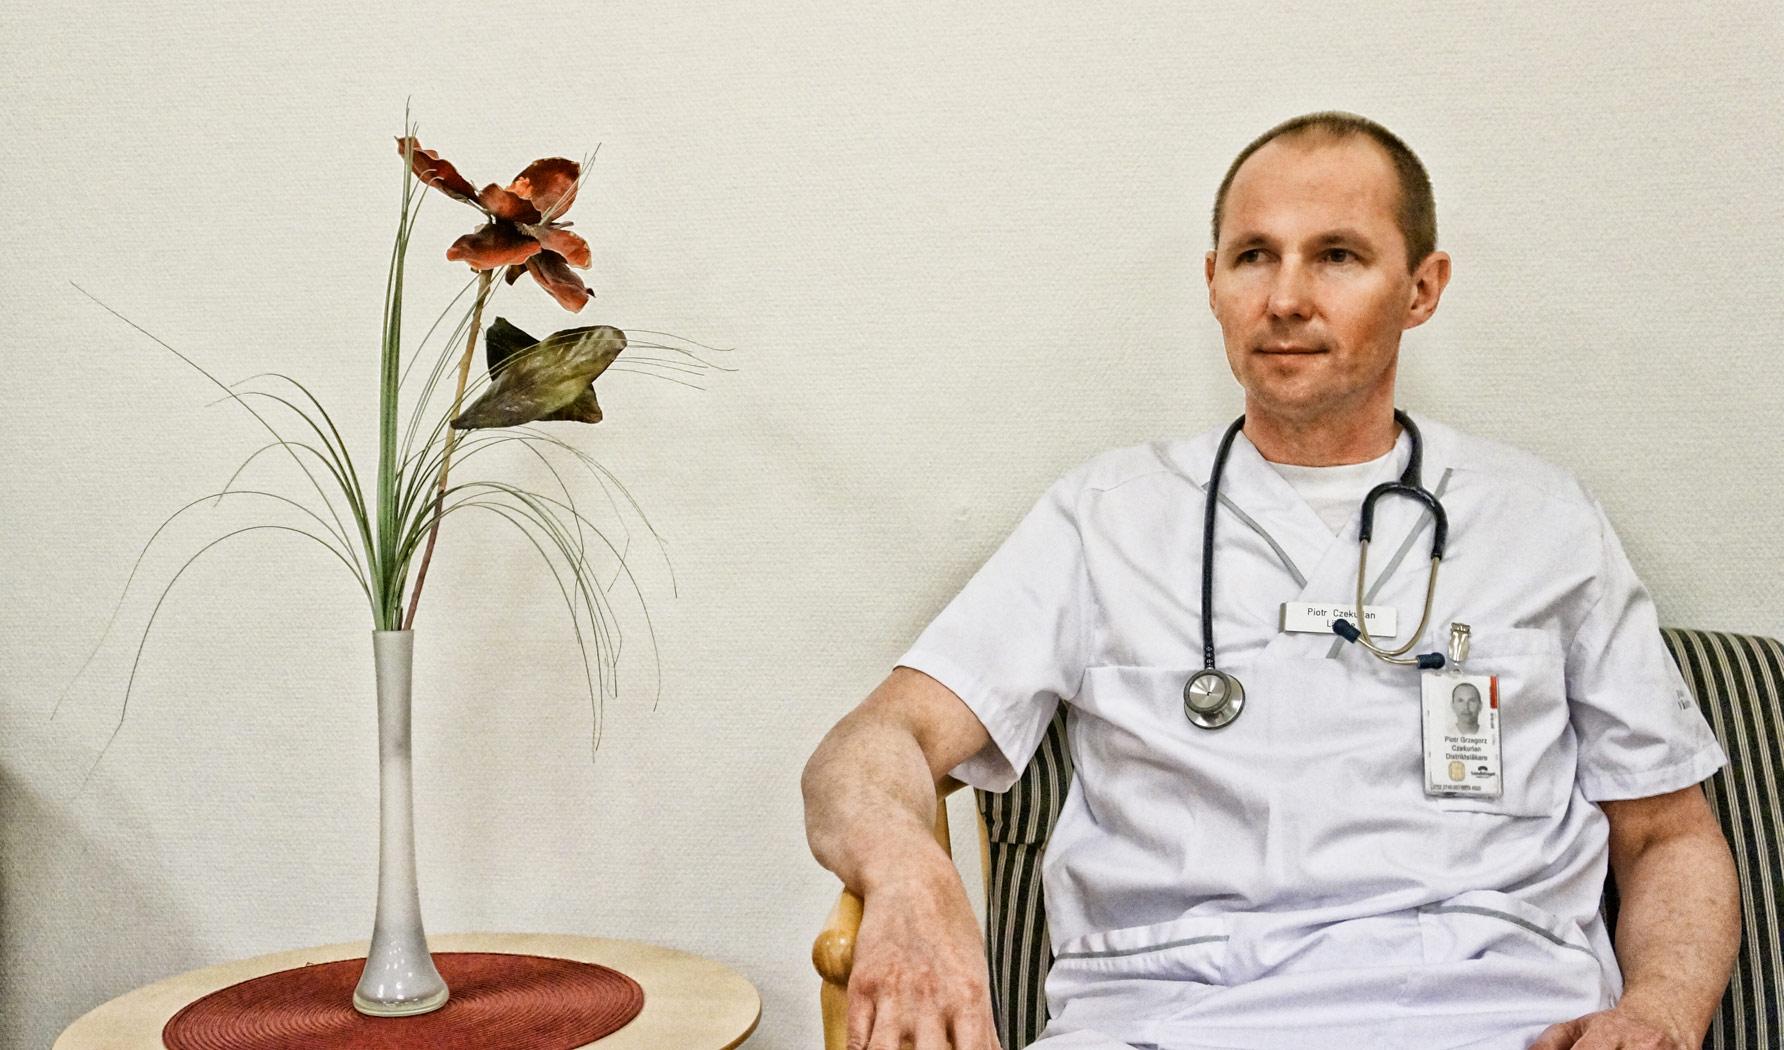 2d93bf445bd2b1 Czym się różni praca lekarza w Polsce i Szwecji?